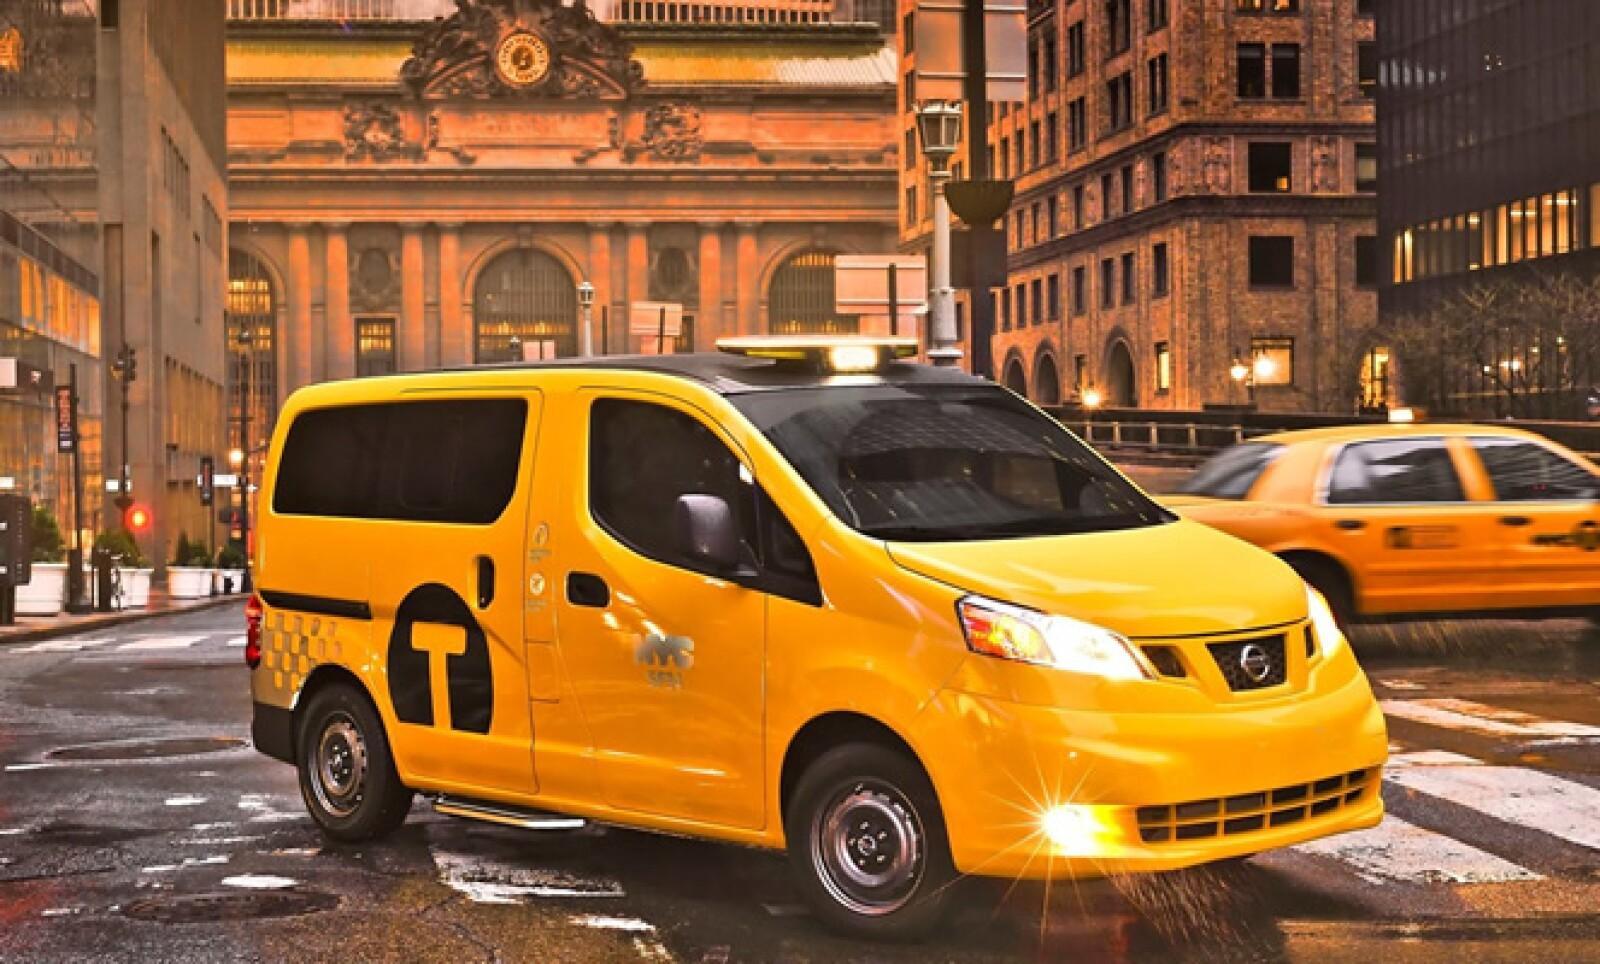 La Comisión de Taxis y Limusinas (TLC) de la Ciudad de Nueva York seleccionó al Nissan NV200 como el taxi exclusivo de la ciudad a partir de finales de 2013.